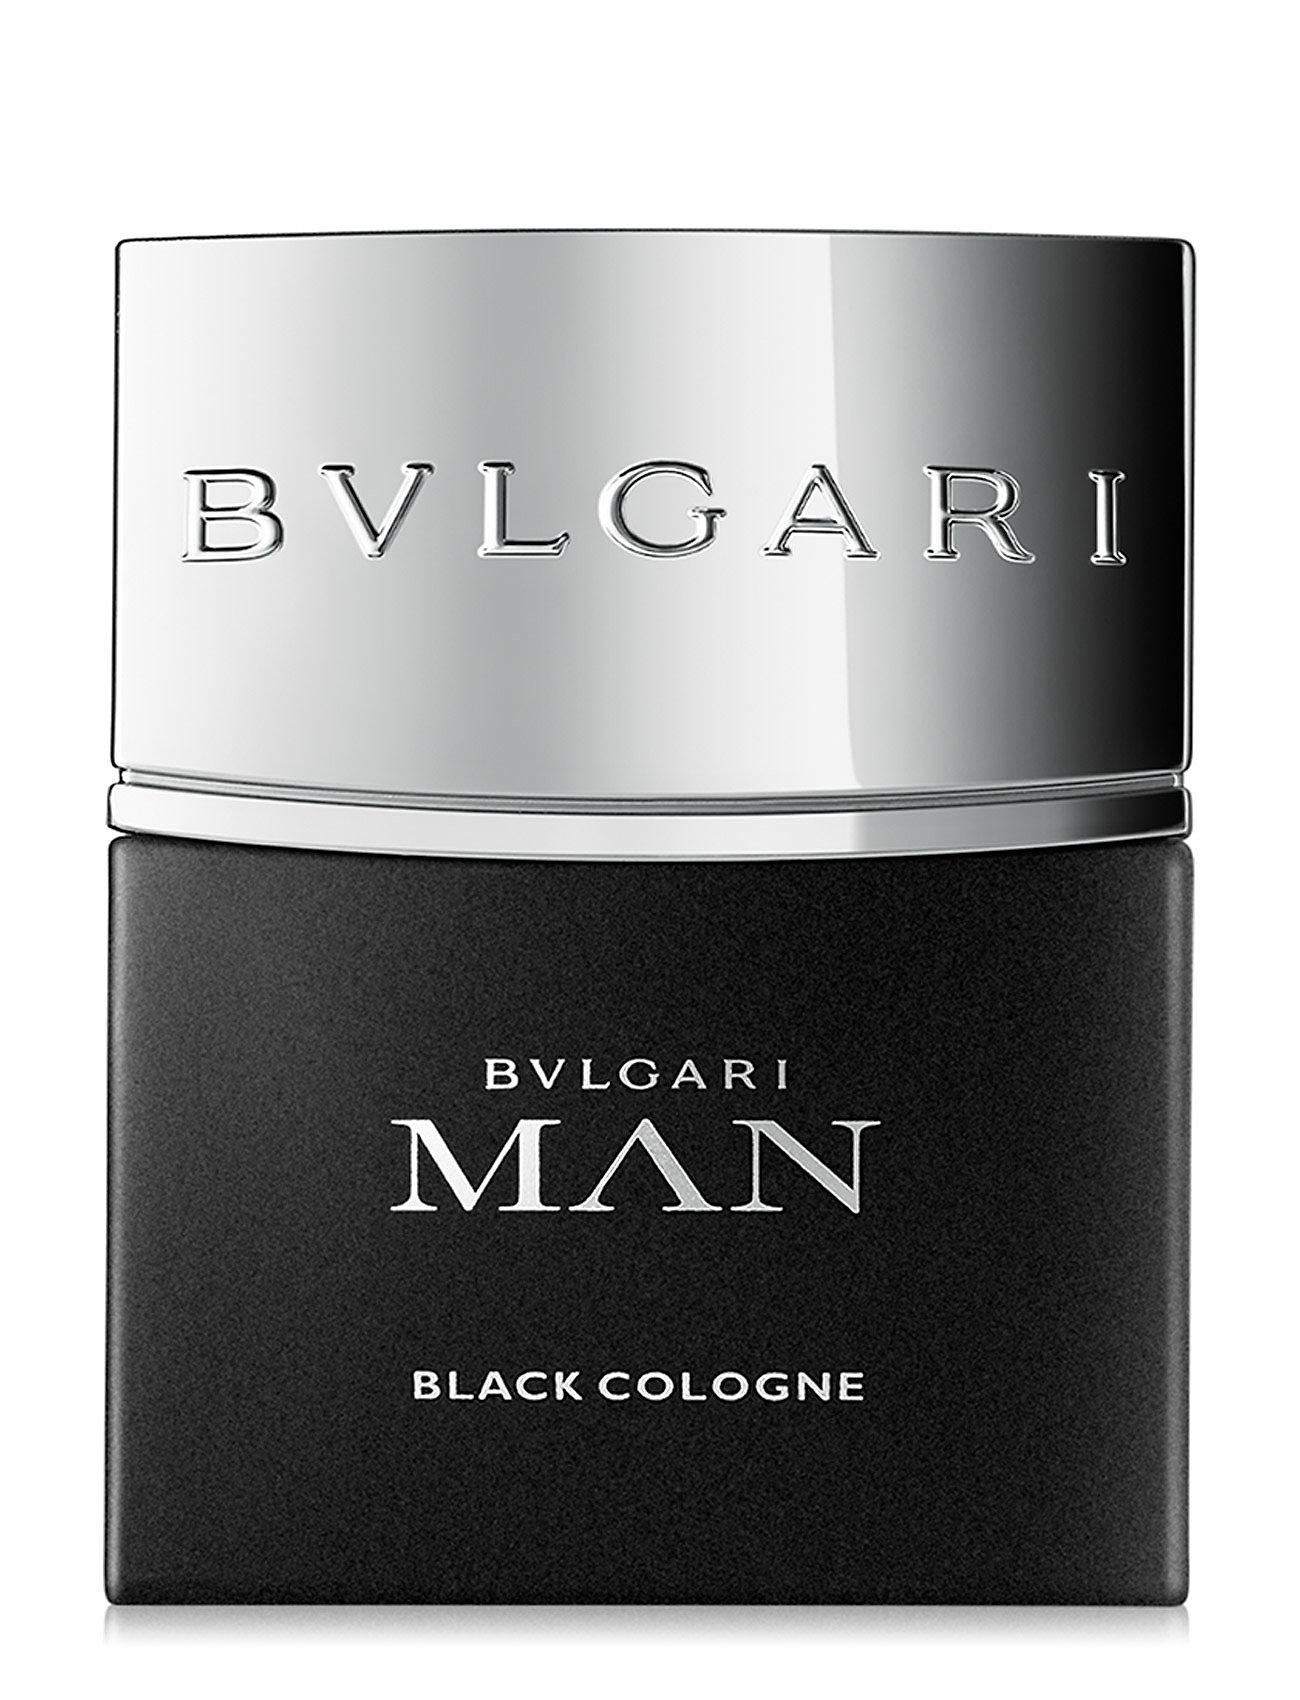 bvlgari Man black cologne edt 30ml fra boozt.com dk